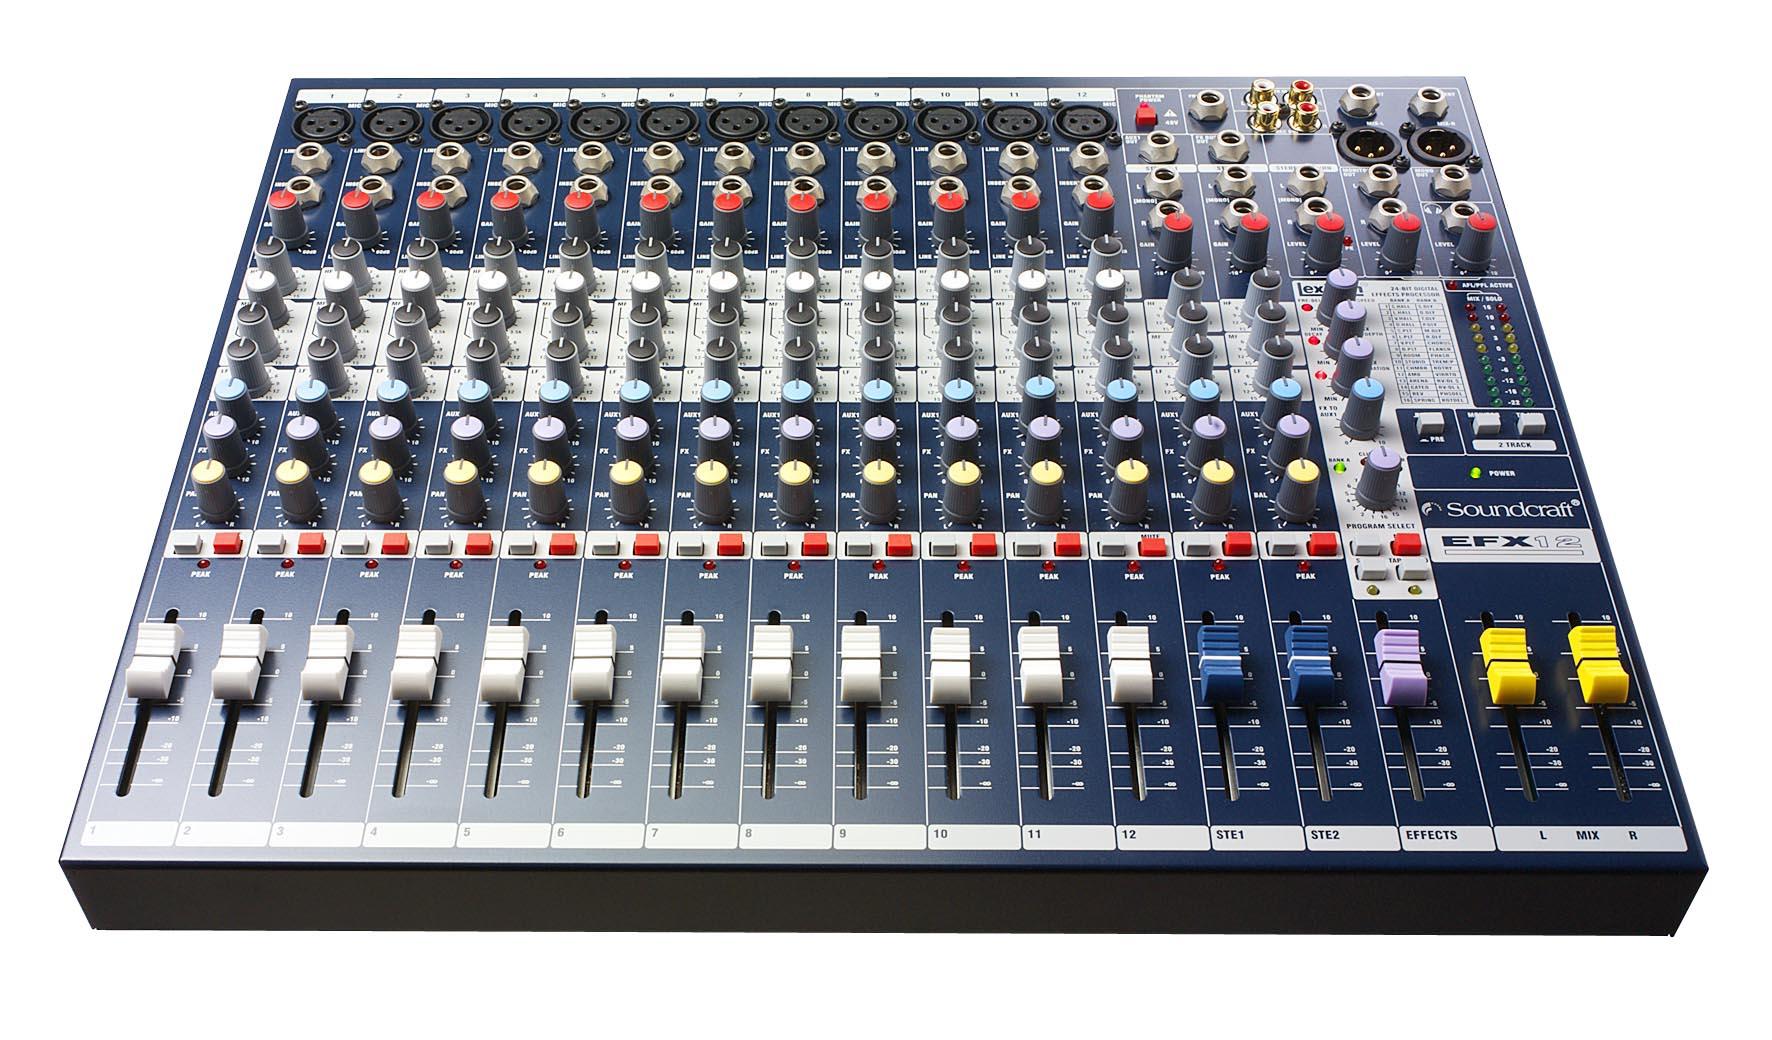 Componente da Mesa de Som EFX12 Soundcraft by HARMAN